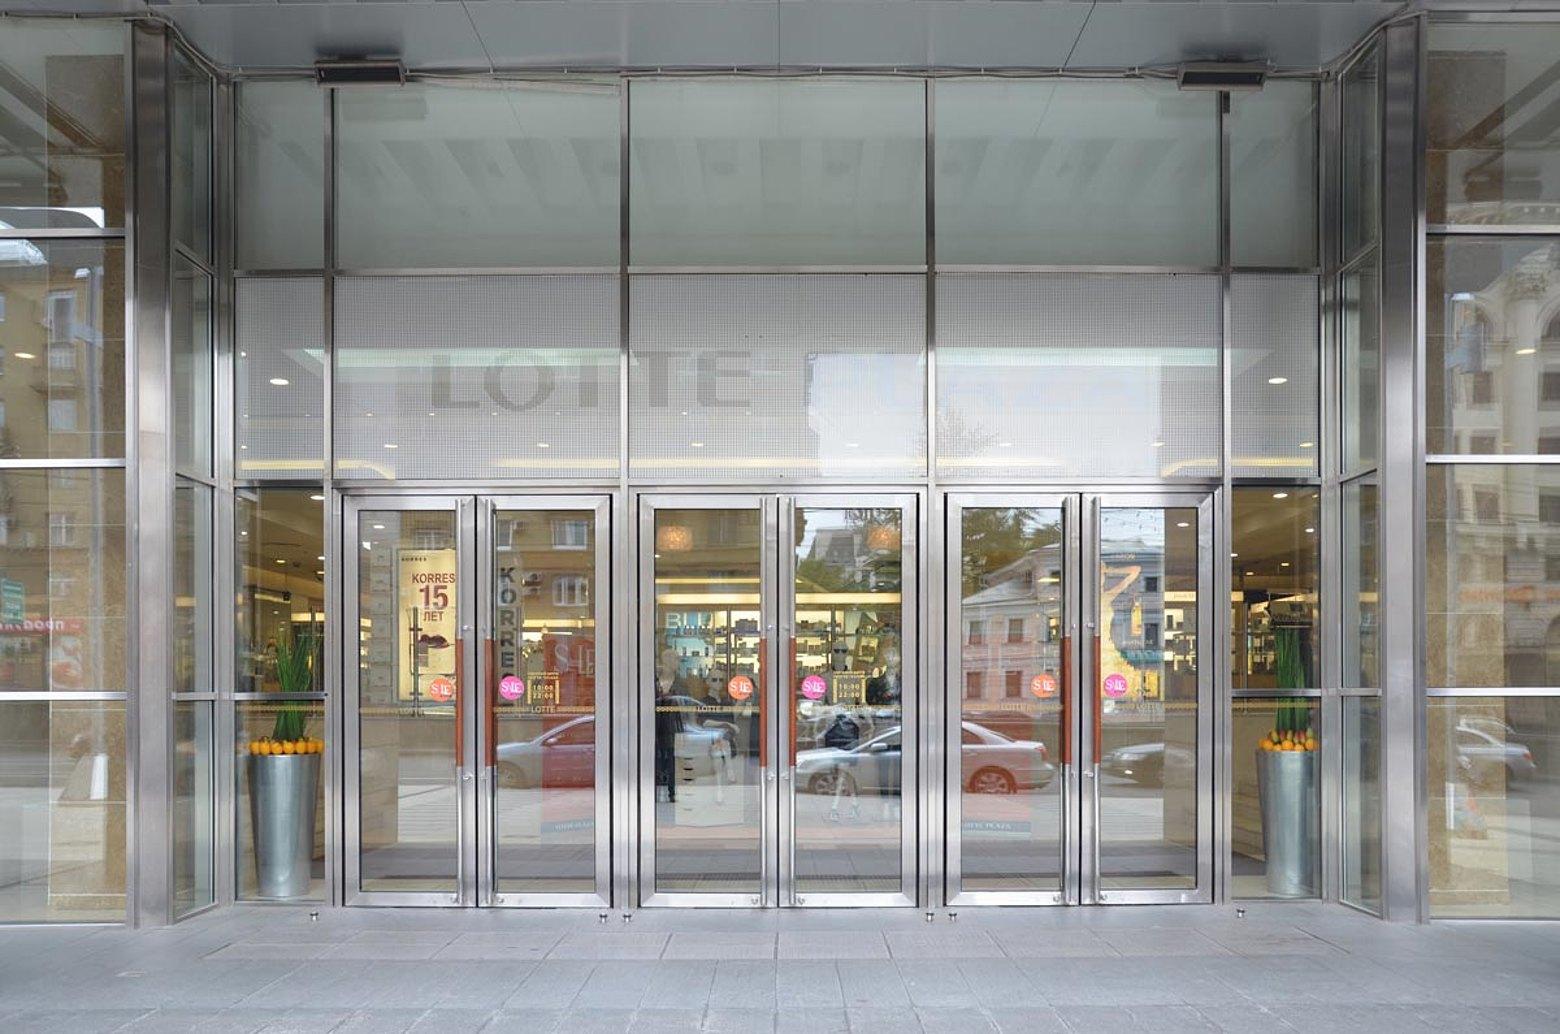 Wärmegedämmte Pfosten-Riegel Fassade, Eingangstüren und Innentüren in Edelstahl Einkaufszentrum Lotte Plaza, Moskow